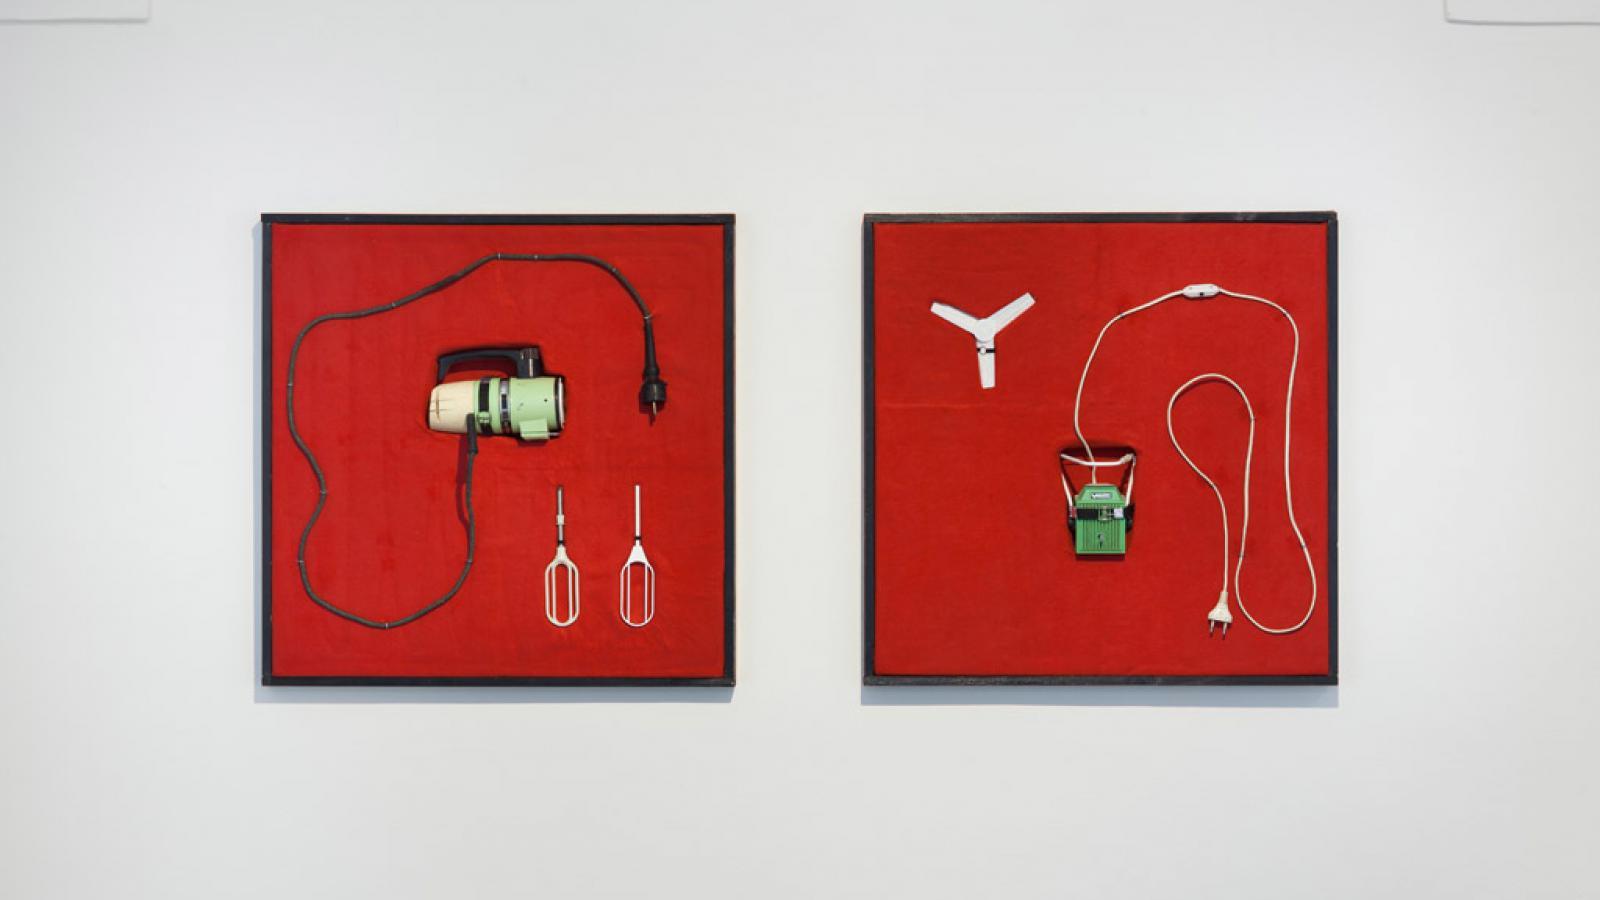 Návrat objektu a Neklid věcí v galerii Kvalitář